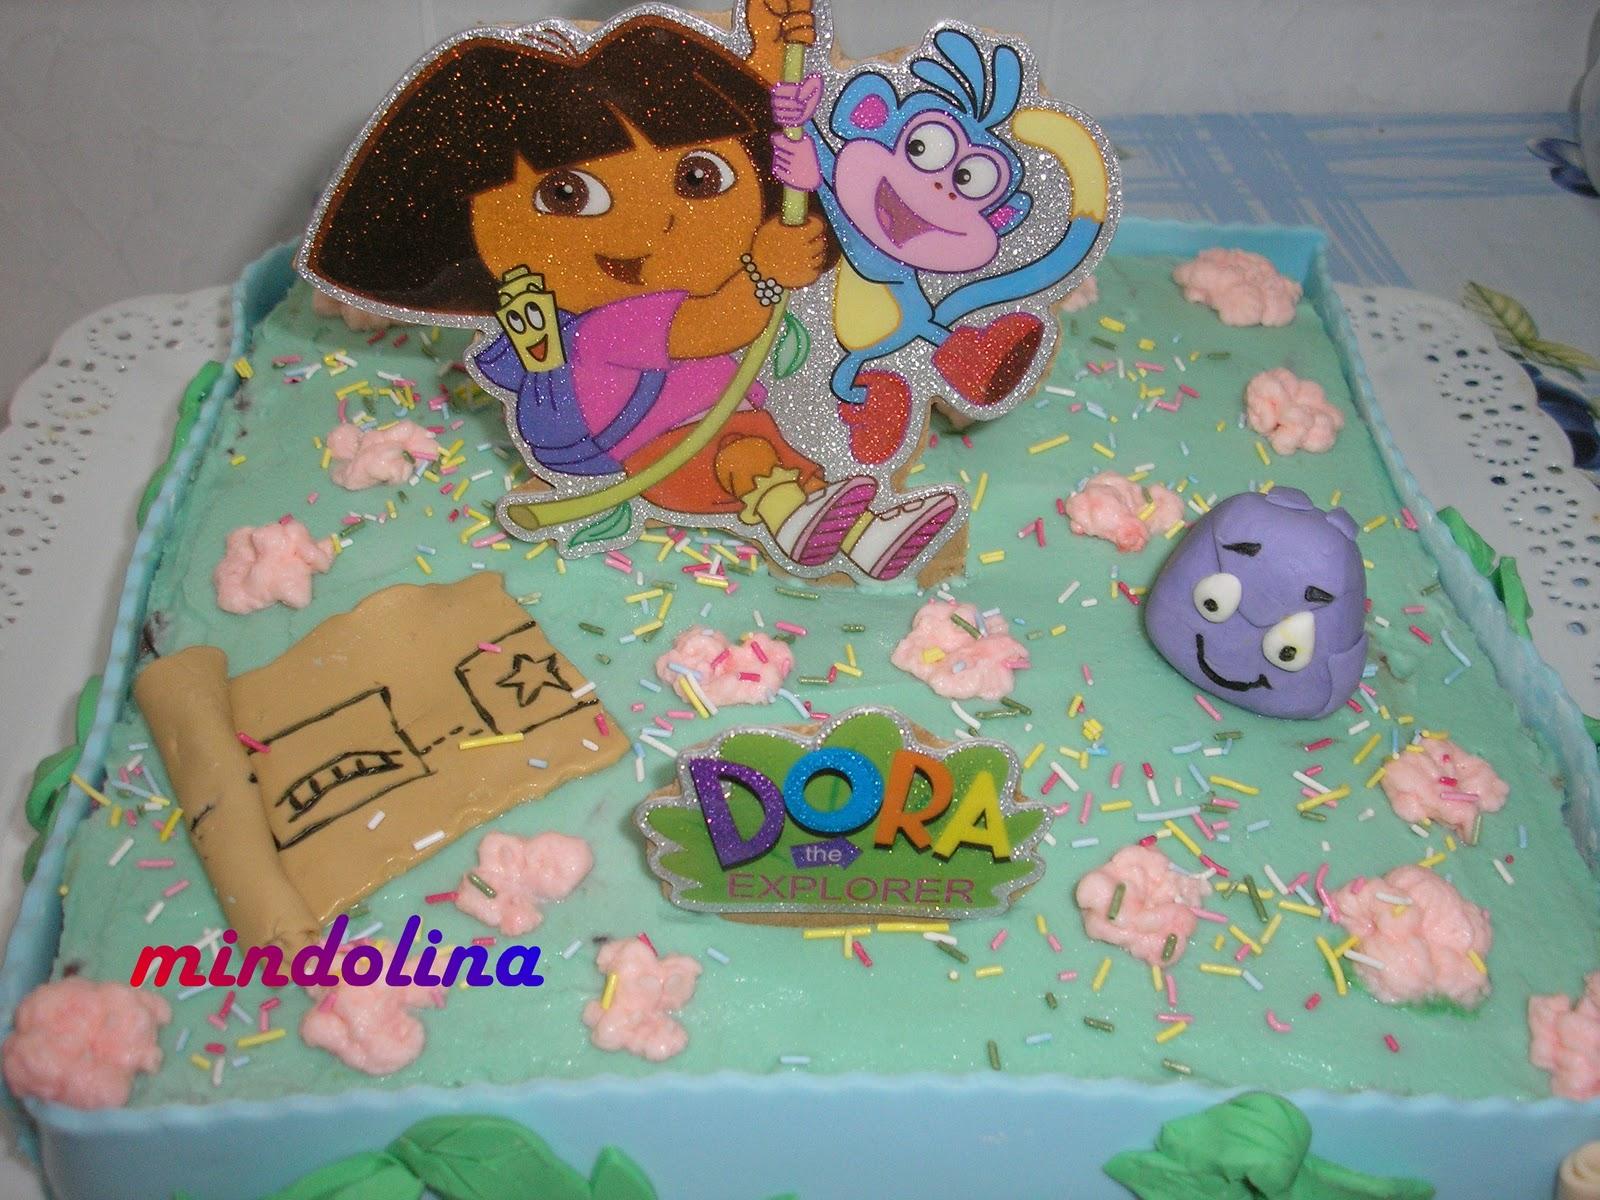 Mindolina en la cocina tarta dora exploradora para paula - Dora la exploradora cocina ...